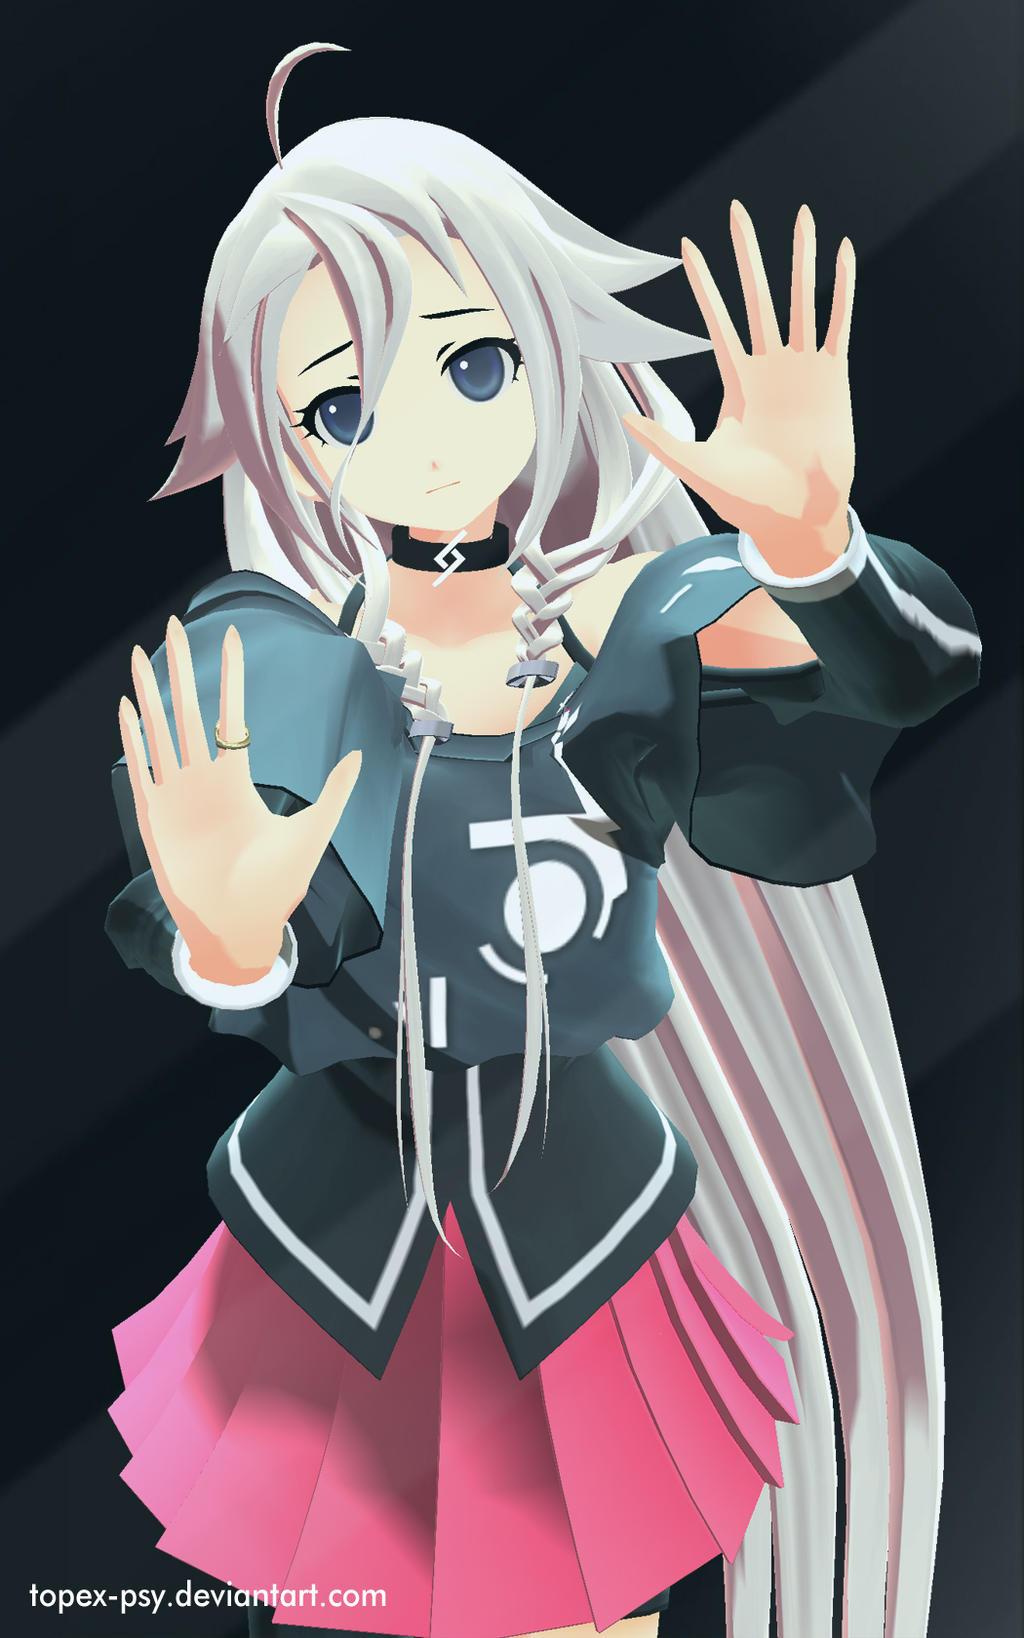 3d mmd android yukari no sound subtitulos - 5 1